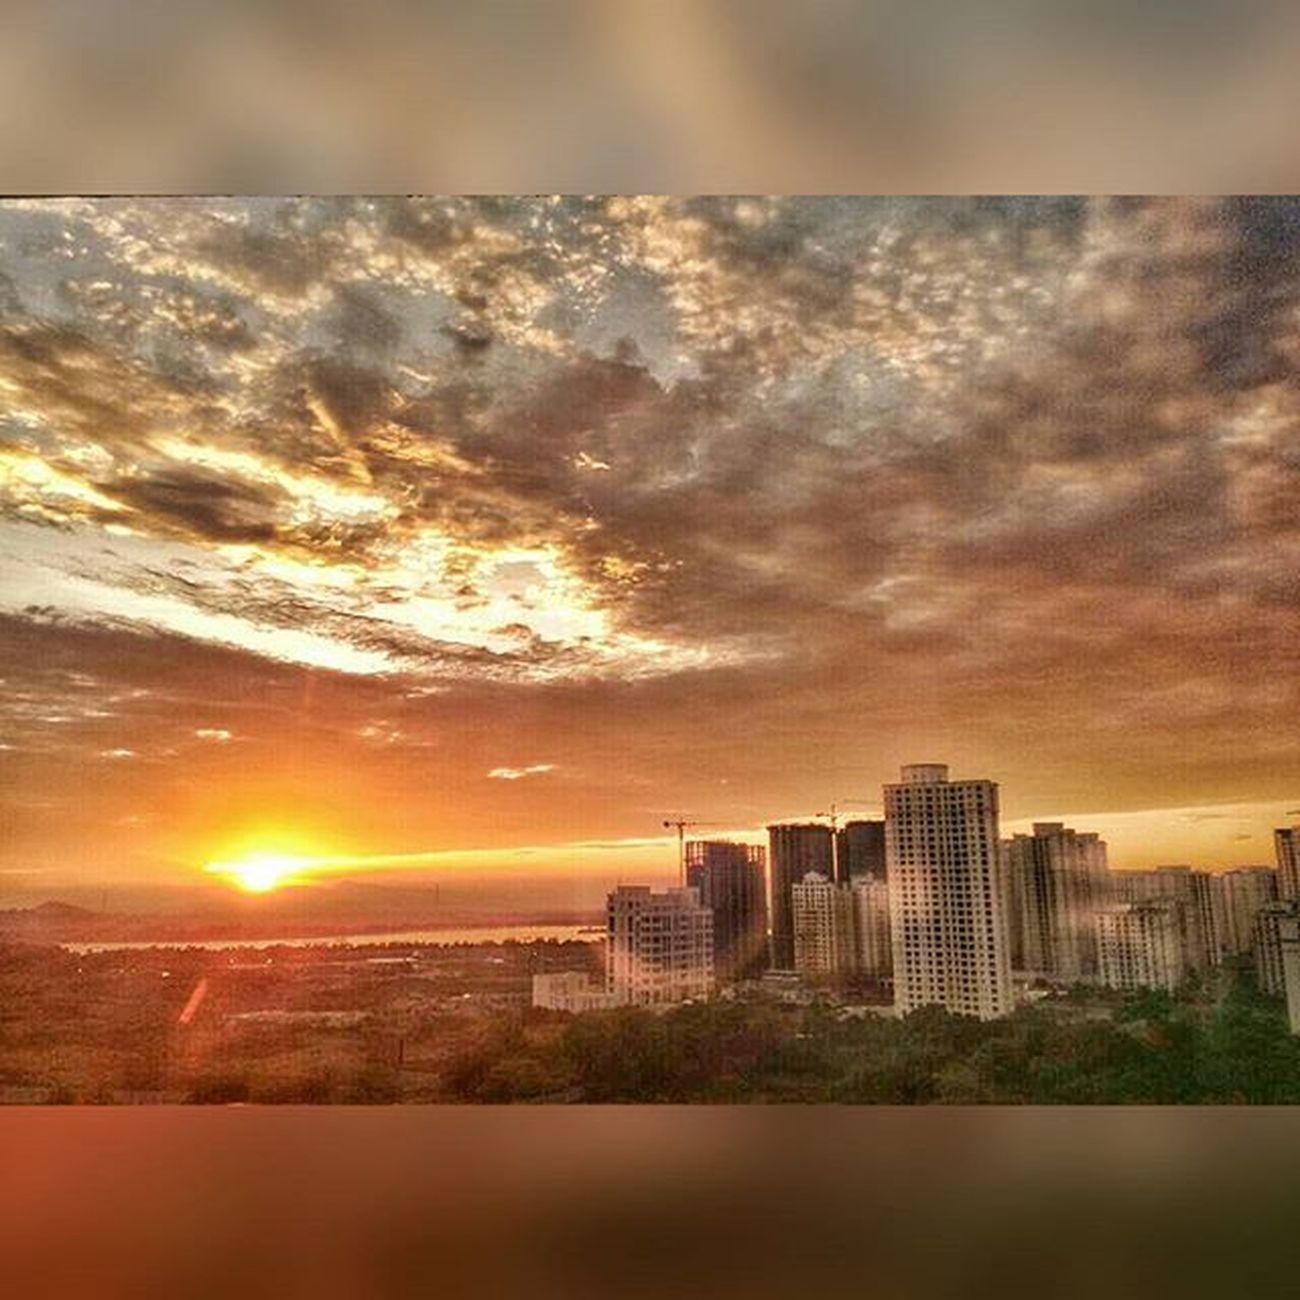 Greenary Morningslikethese Clouds Sunrise